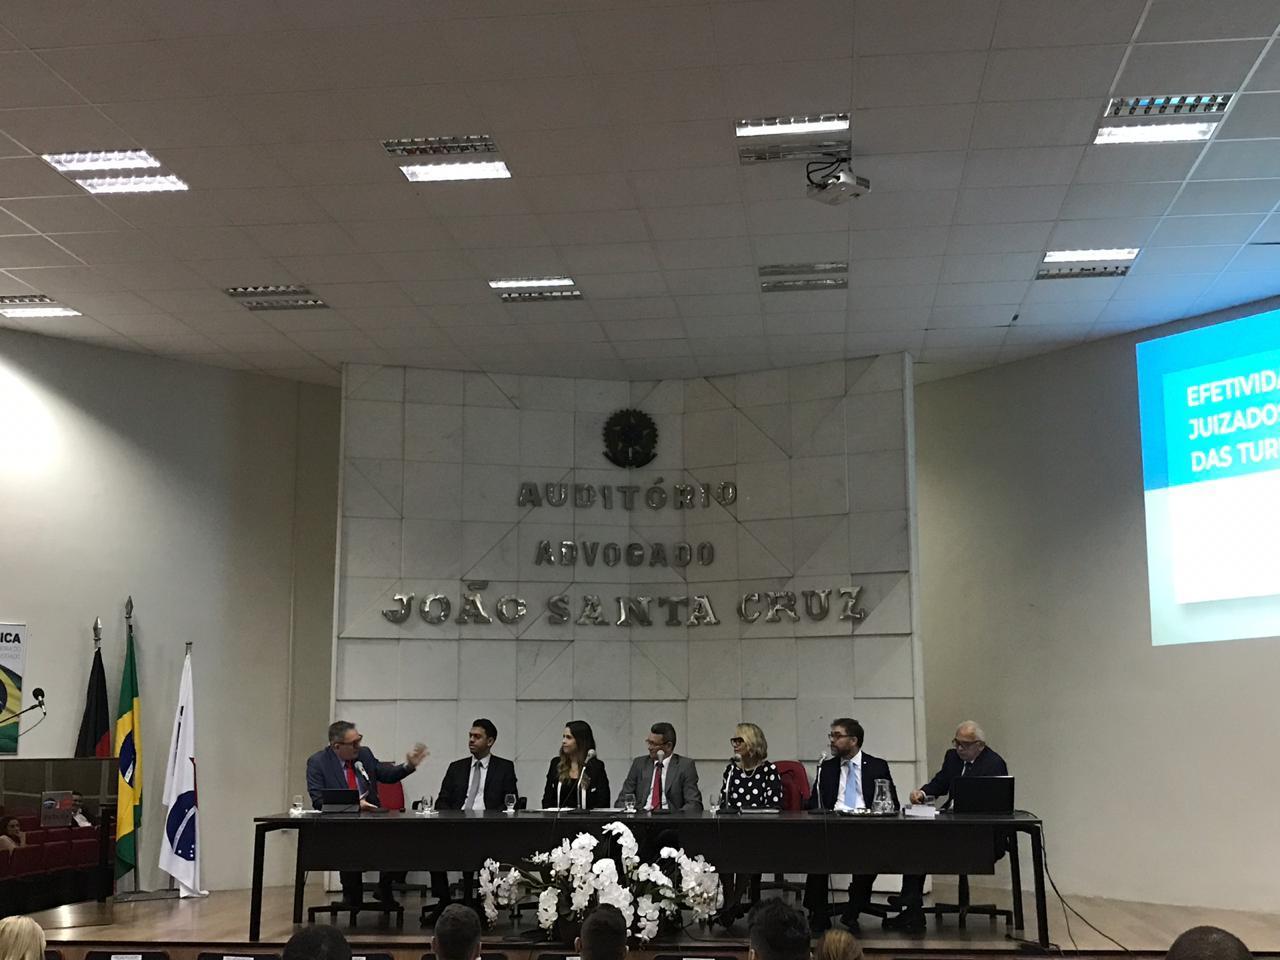 III Fórum de Debate sobre os Juizados Especiais Cíveis comemora 24º aniversário da lei 9.099/95 no auditório da OAB-PB